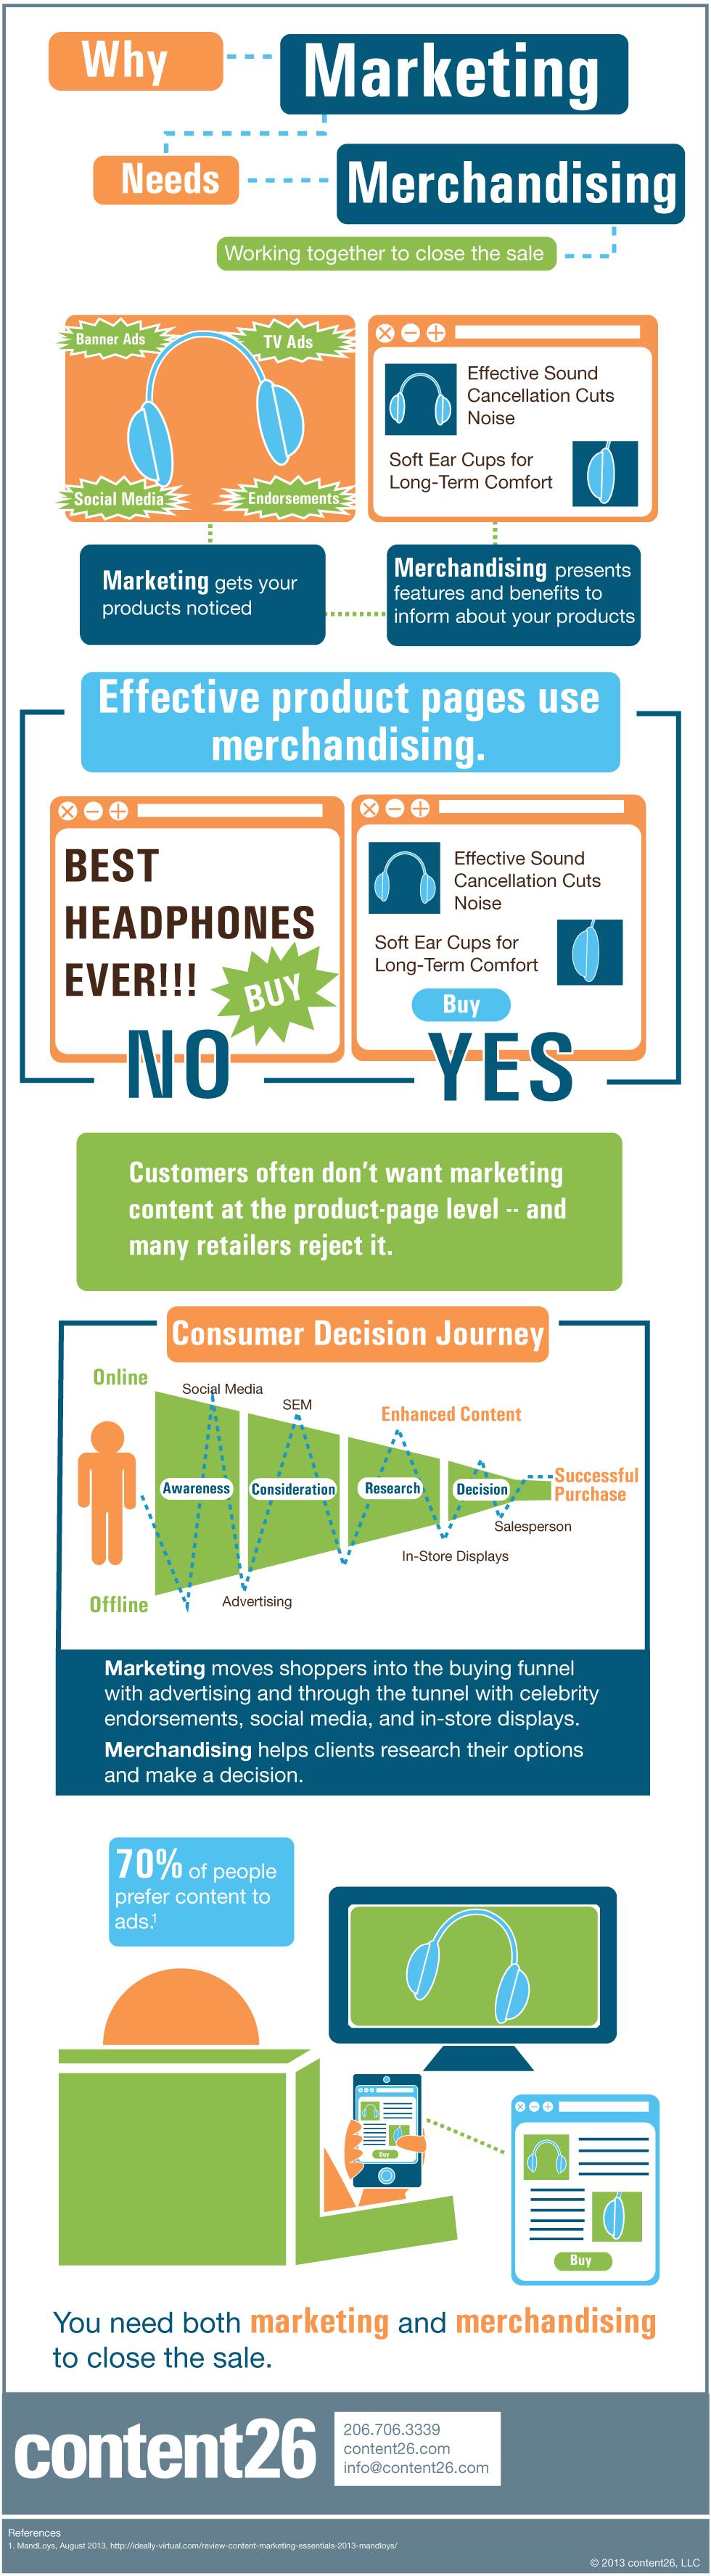 Marketing and Merchandising